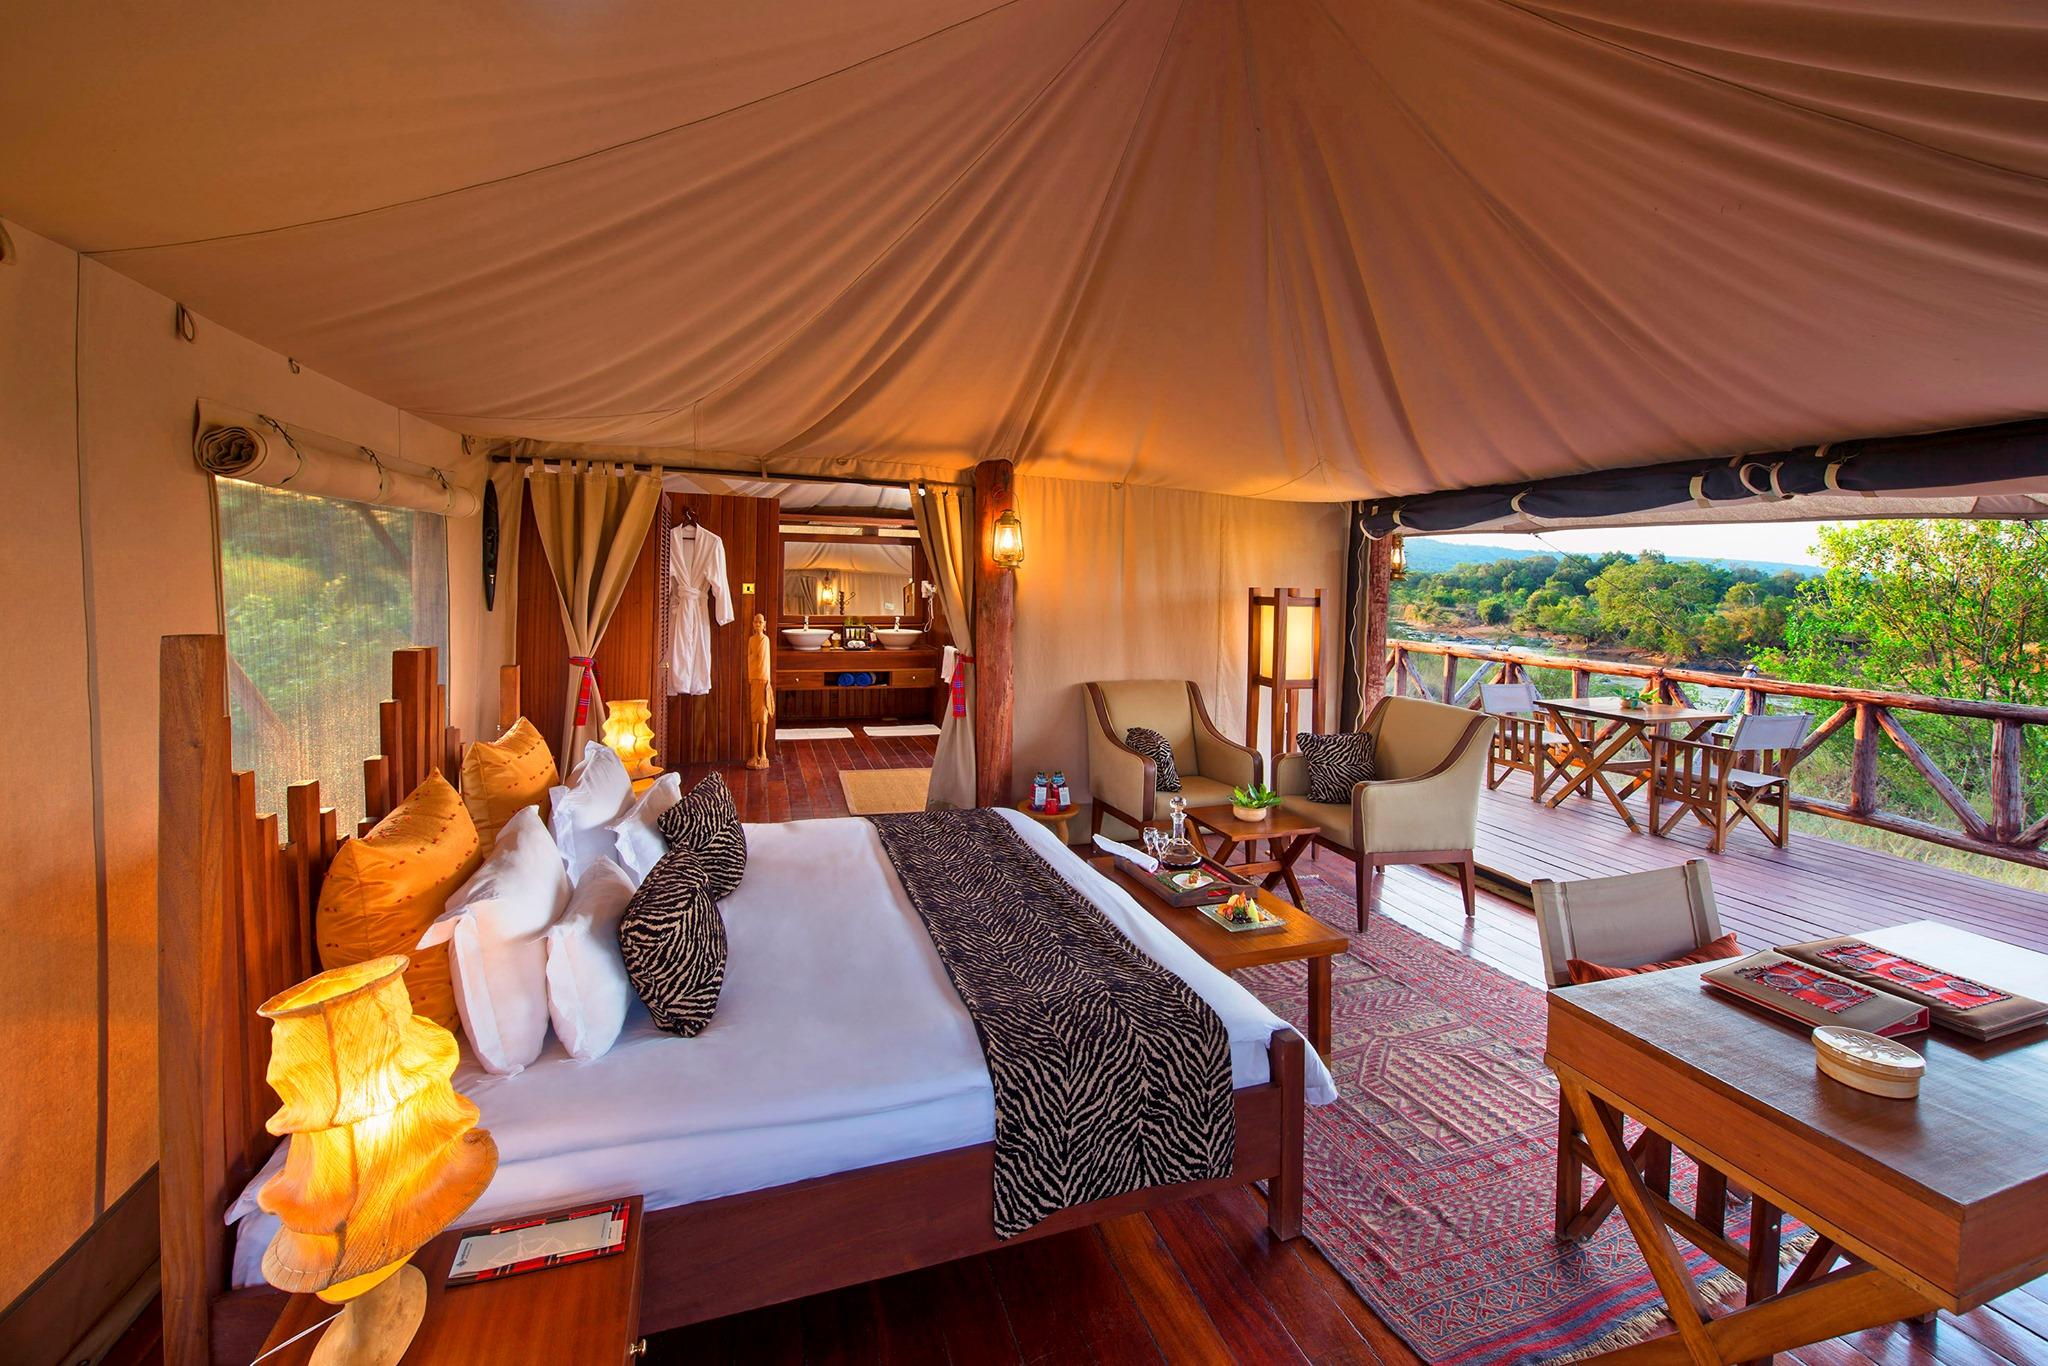 Day 6: Full Day Masai Mara